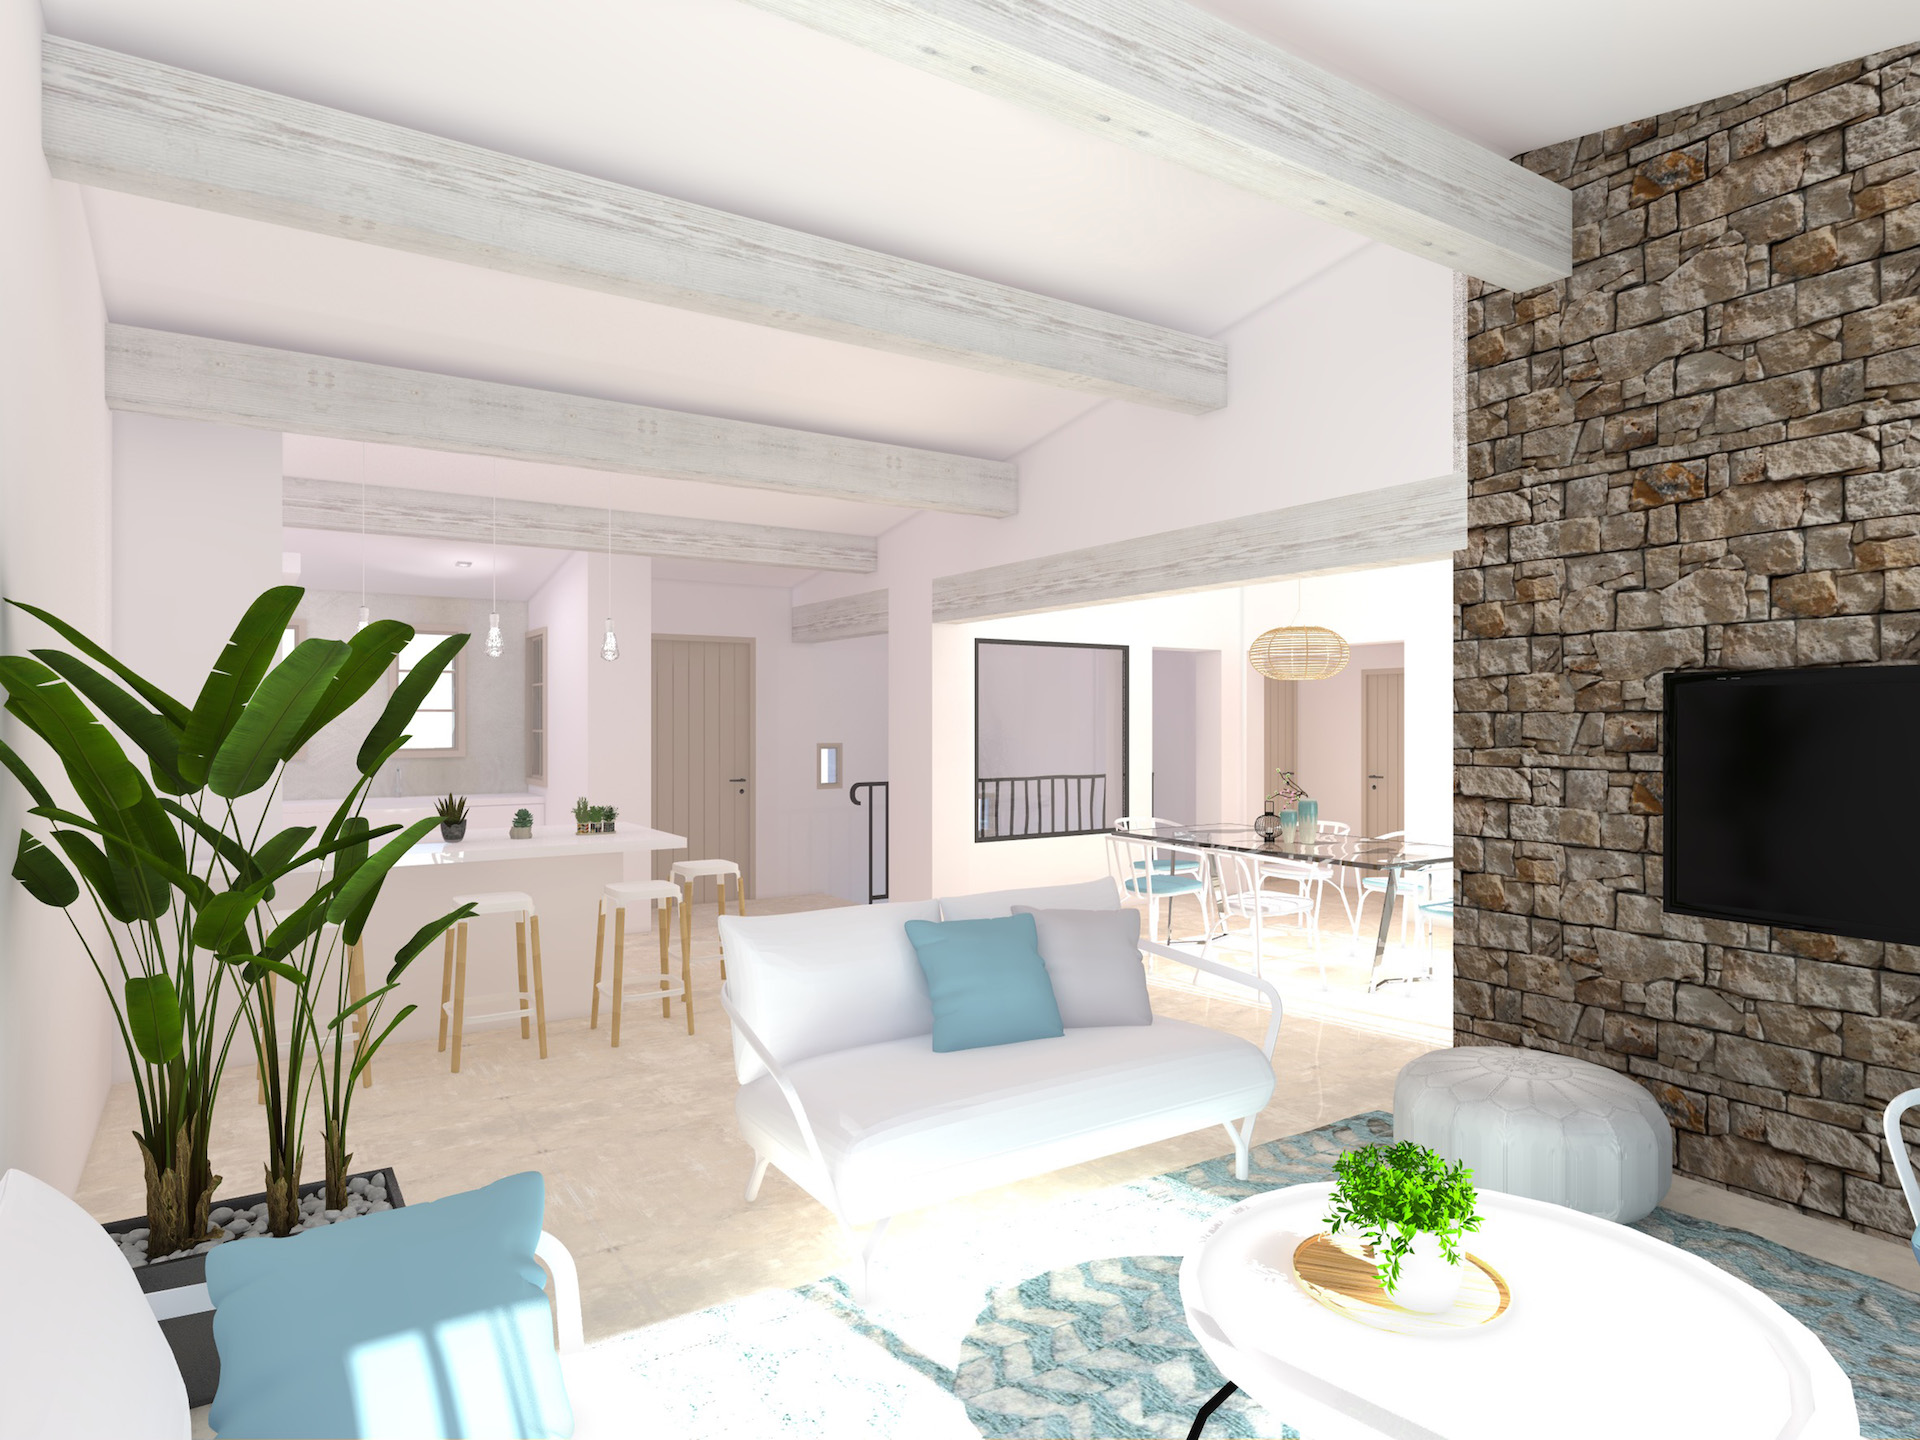 renovation-architecte-dintérieur-Mas-de-guerrevieille-10